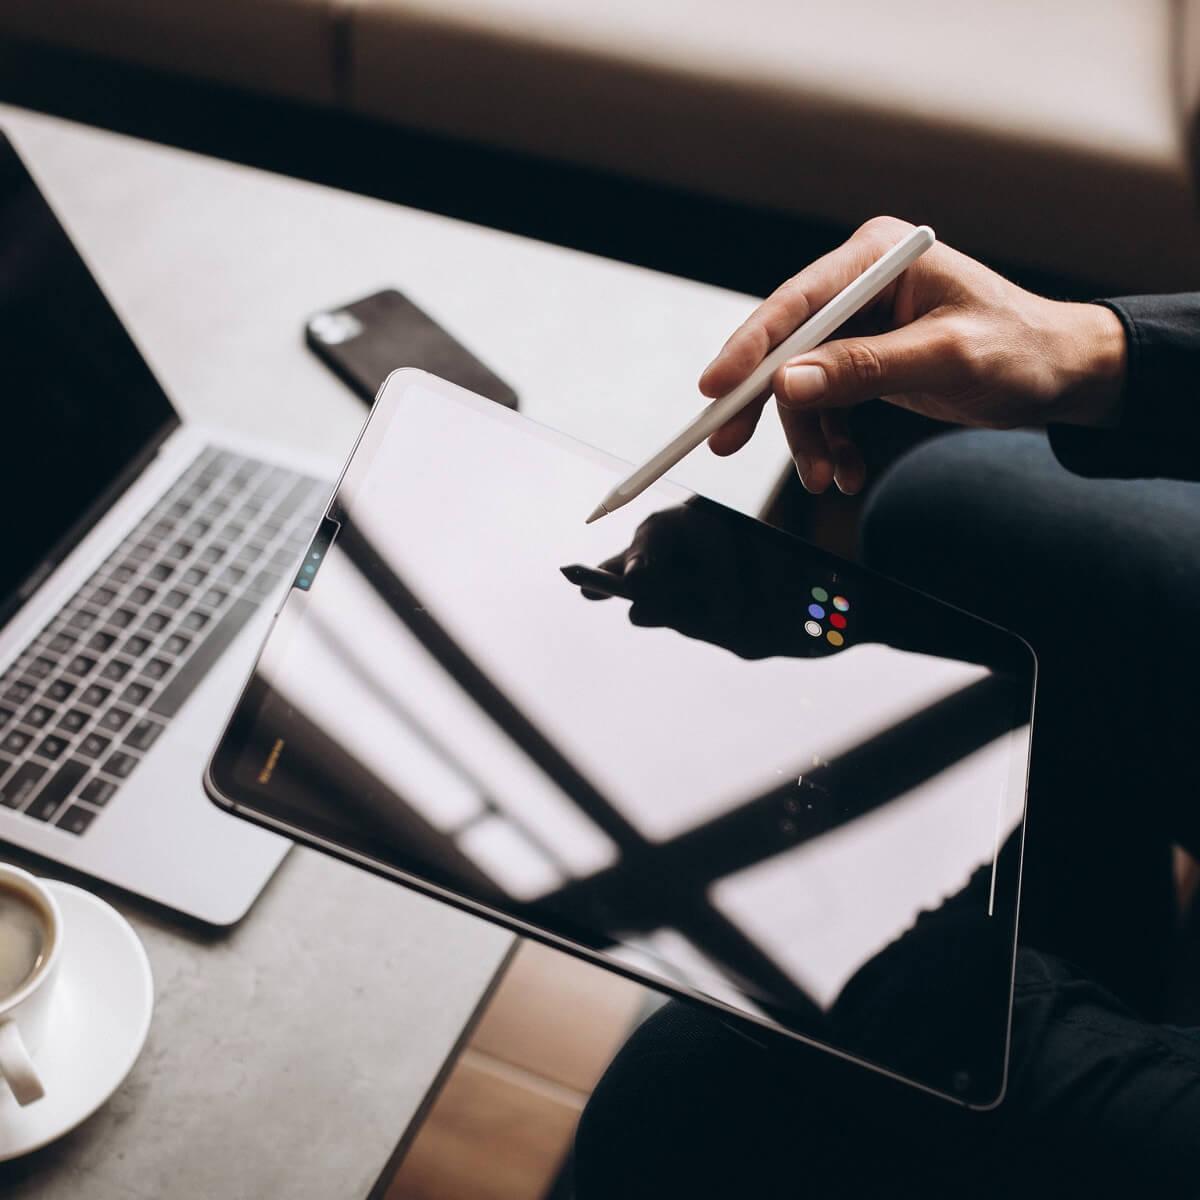 ノートパソコンとタブレットの写真。